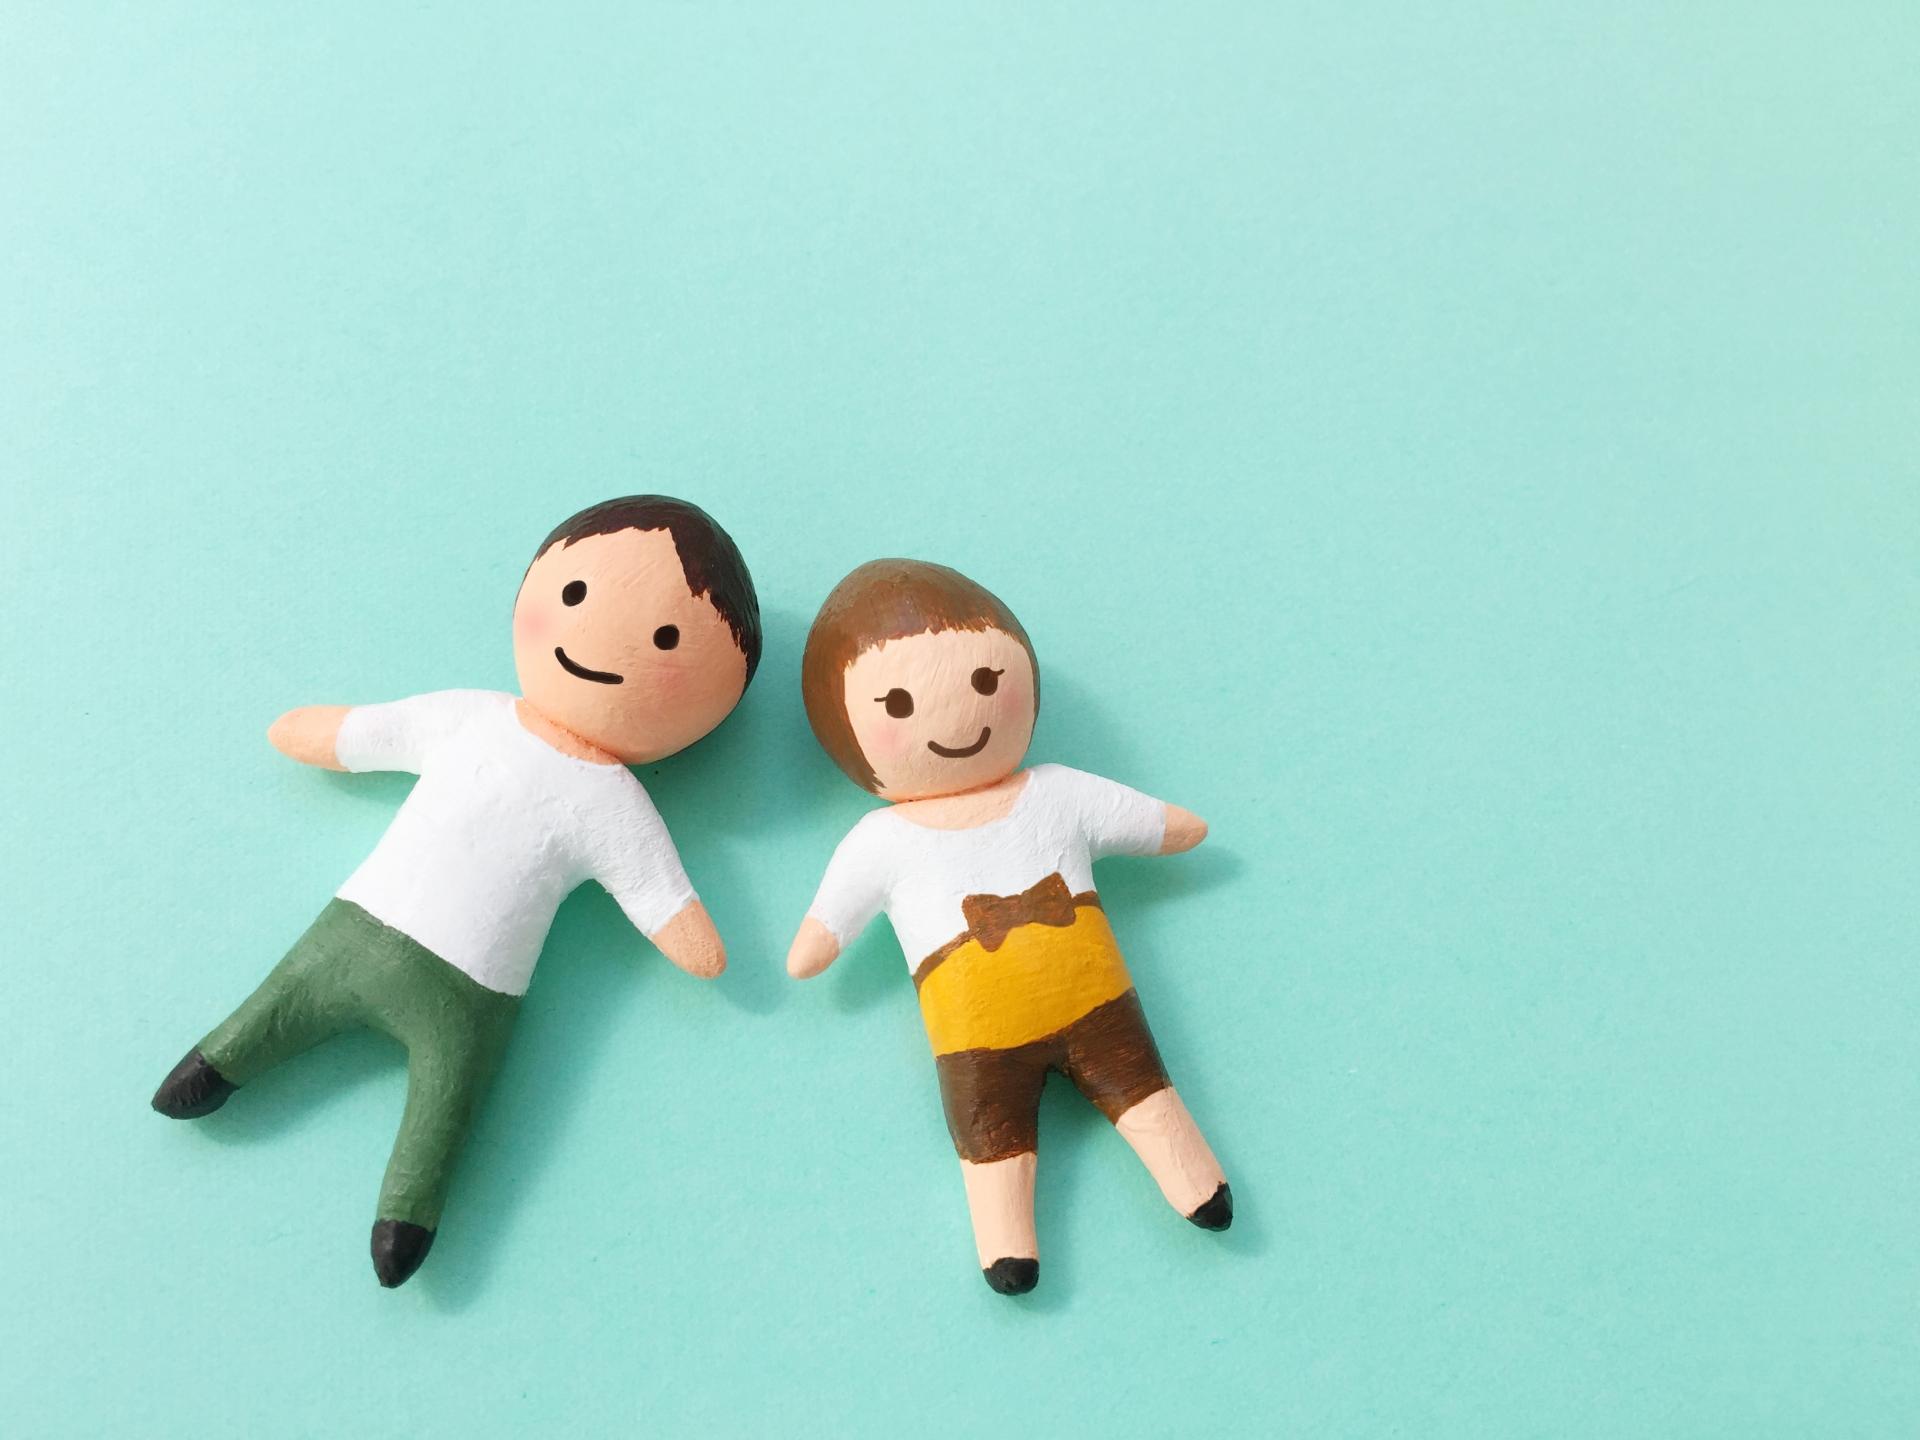 彼氏と半同棲する時の生活費は前もって相談しておくのがベスト!